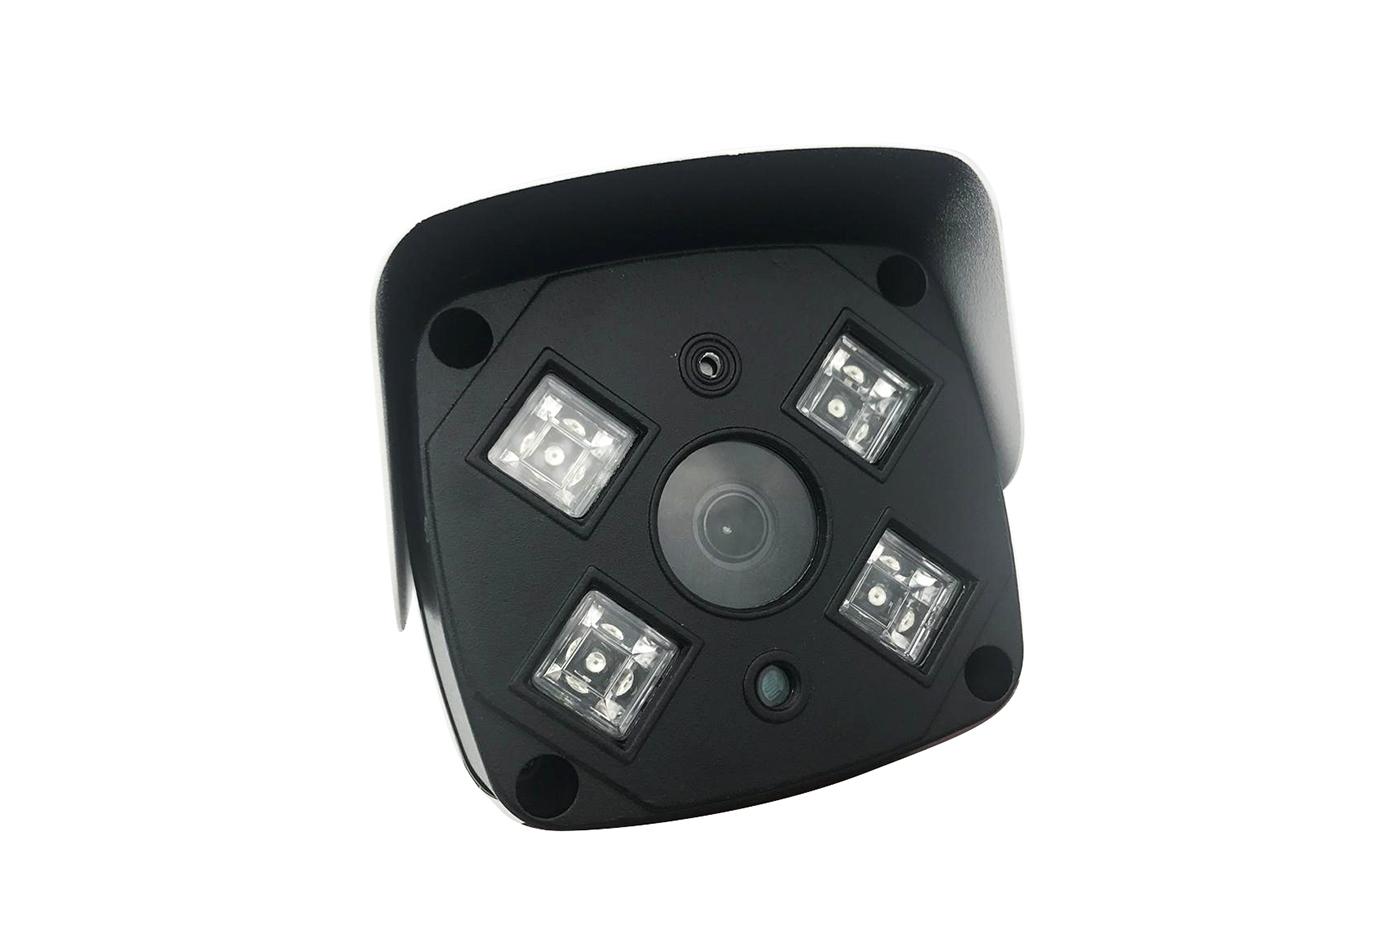 Plafoniera Da Esterno Con Telecamera : Bes wi fi ip beselettronica telecamera mp da